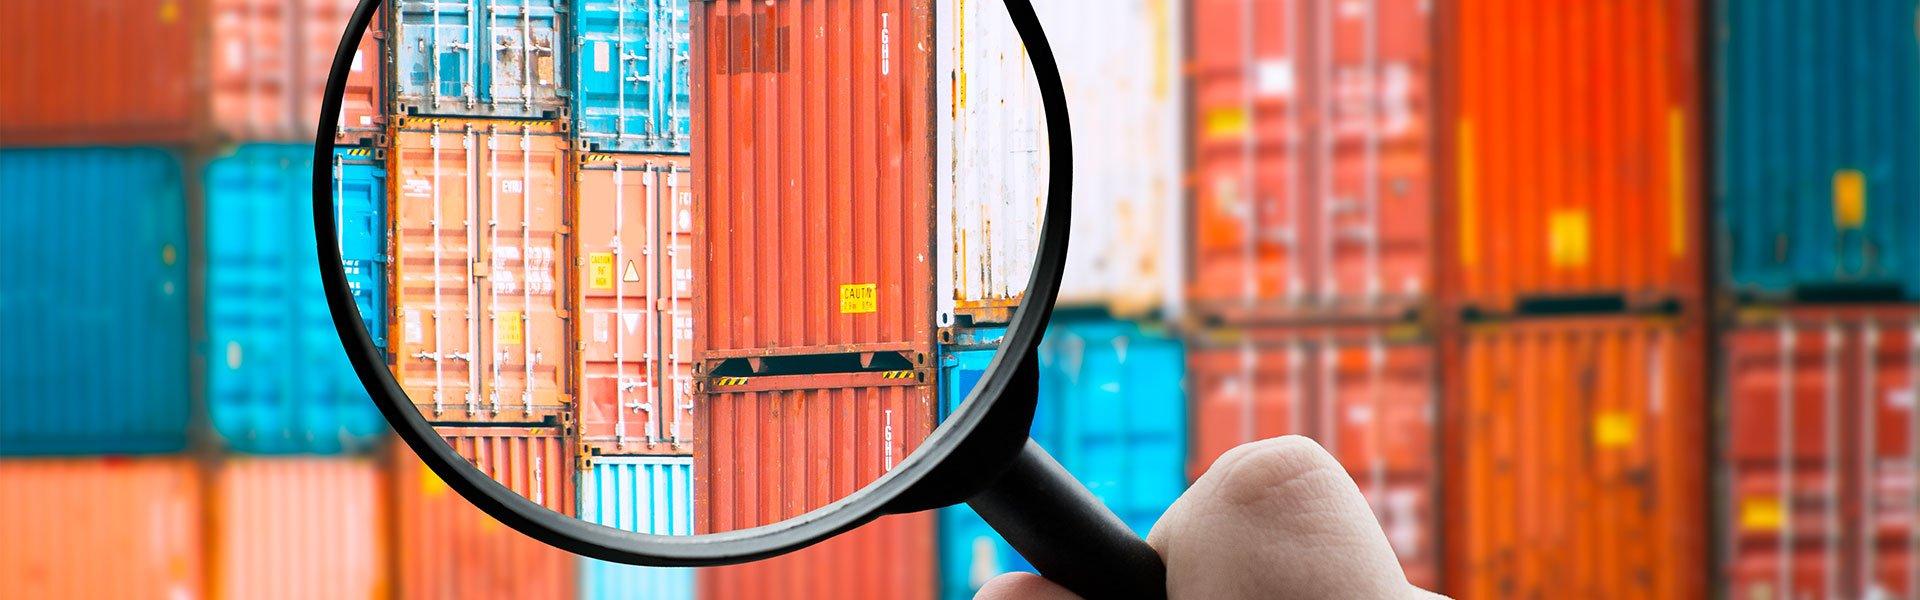 HubSpot-LP-Image-picture-logistics-in-focus